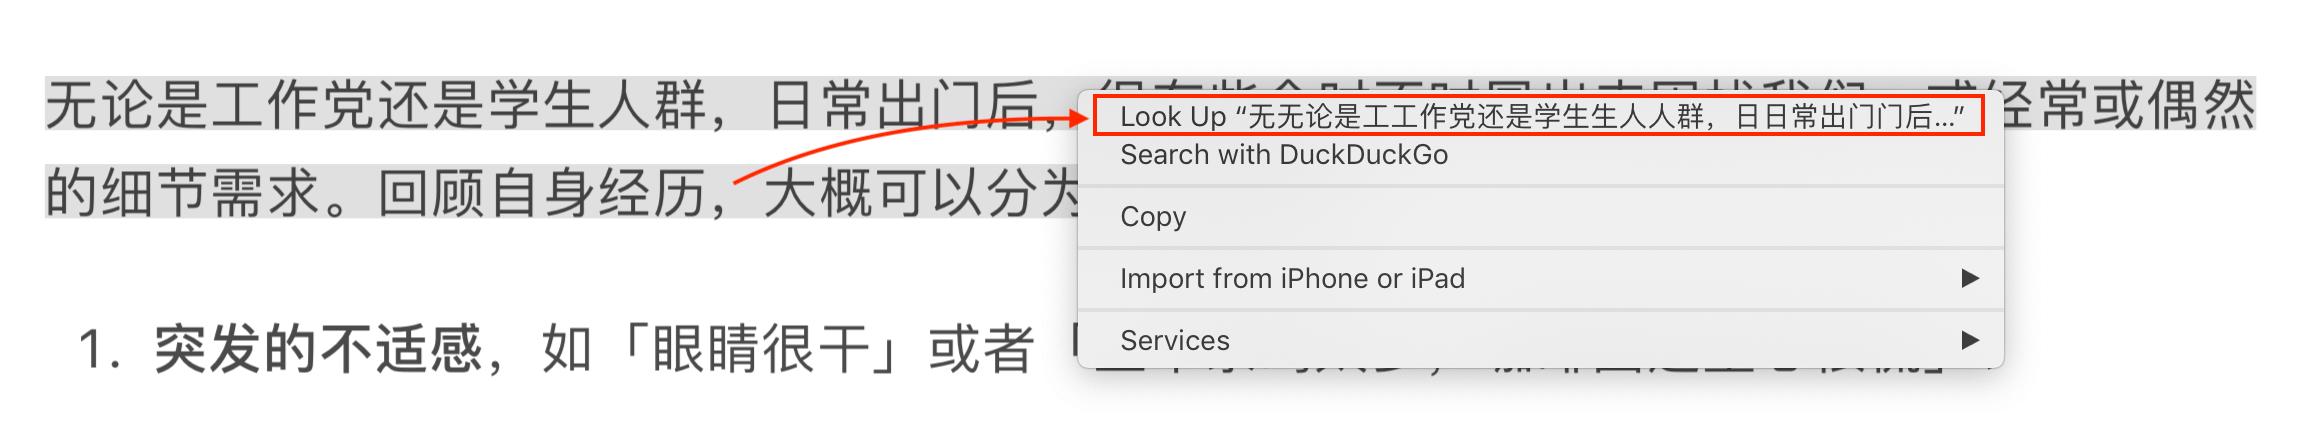 用预览 app 复制出的「结巴」文字